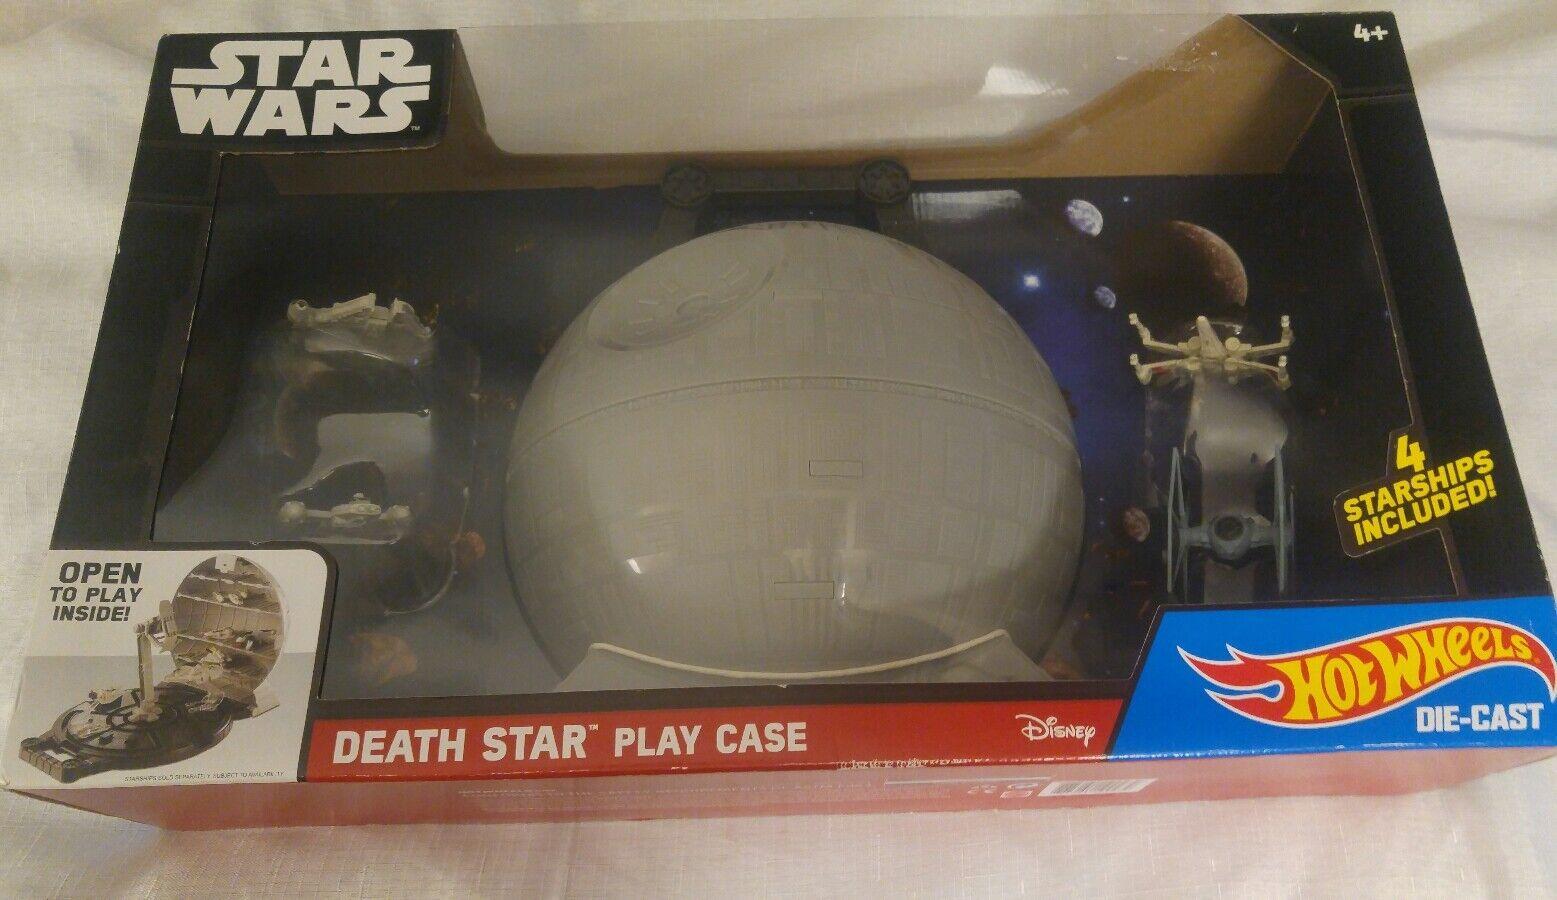 Las ventas en línea ahorran un 70%. BNIP Hot Wheels Caja De Juego De Estrella Wars Wars Wars Estrella de la muerte con 4 Die Cast naves espaciales  Disfruta de un 50% de descuento.